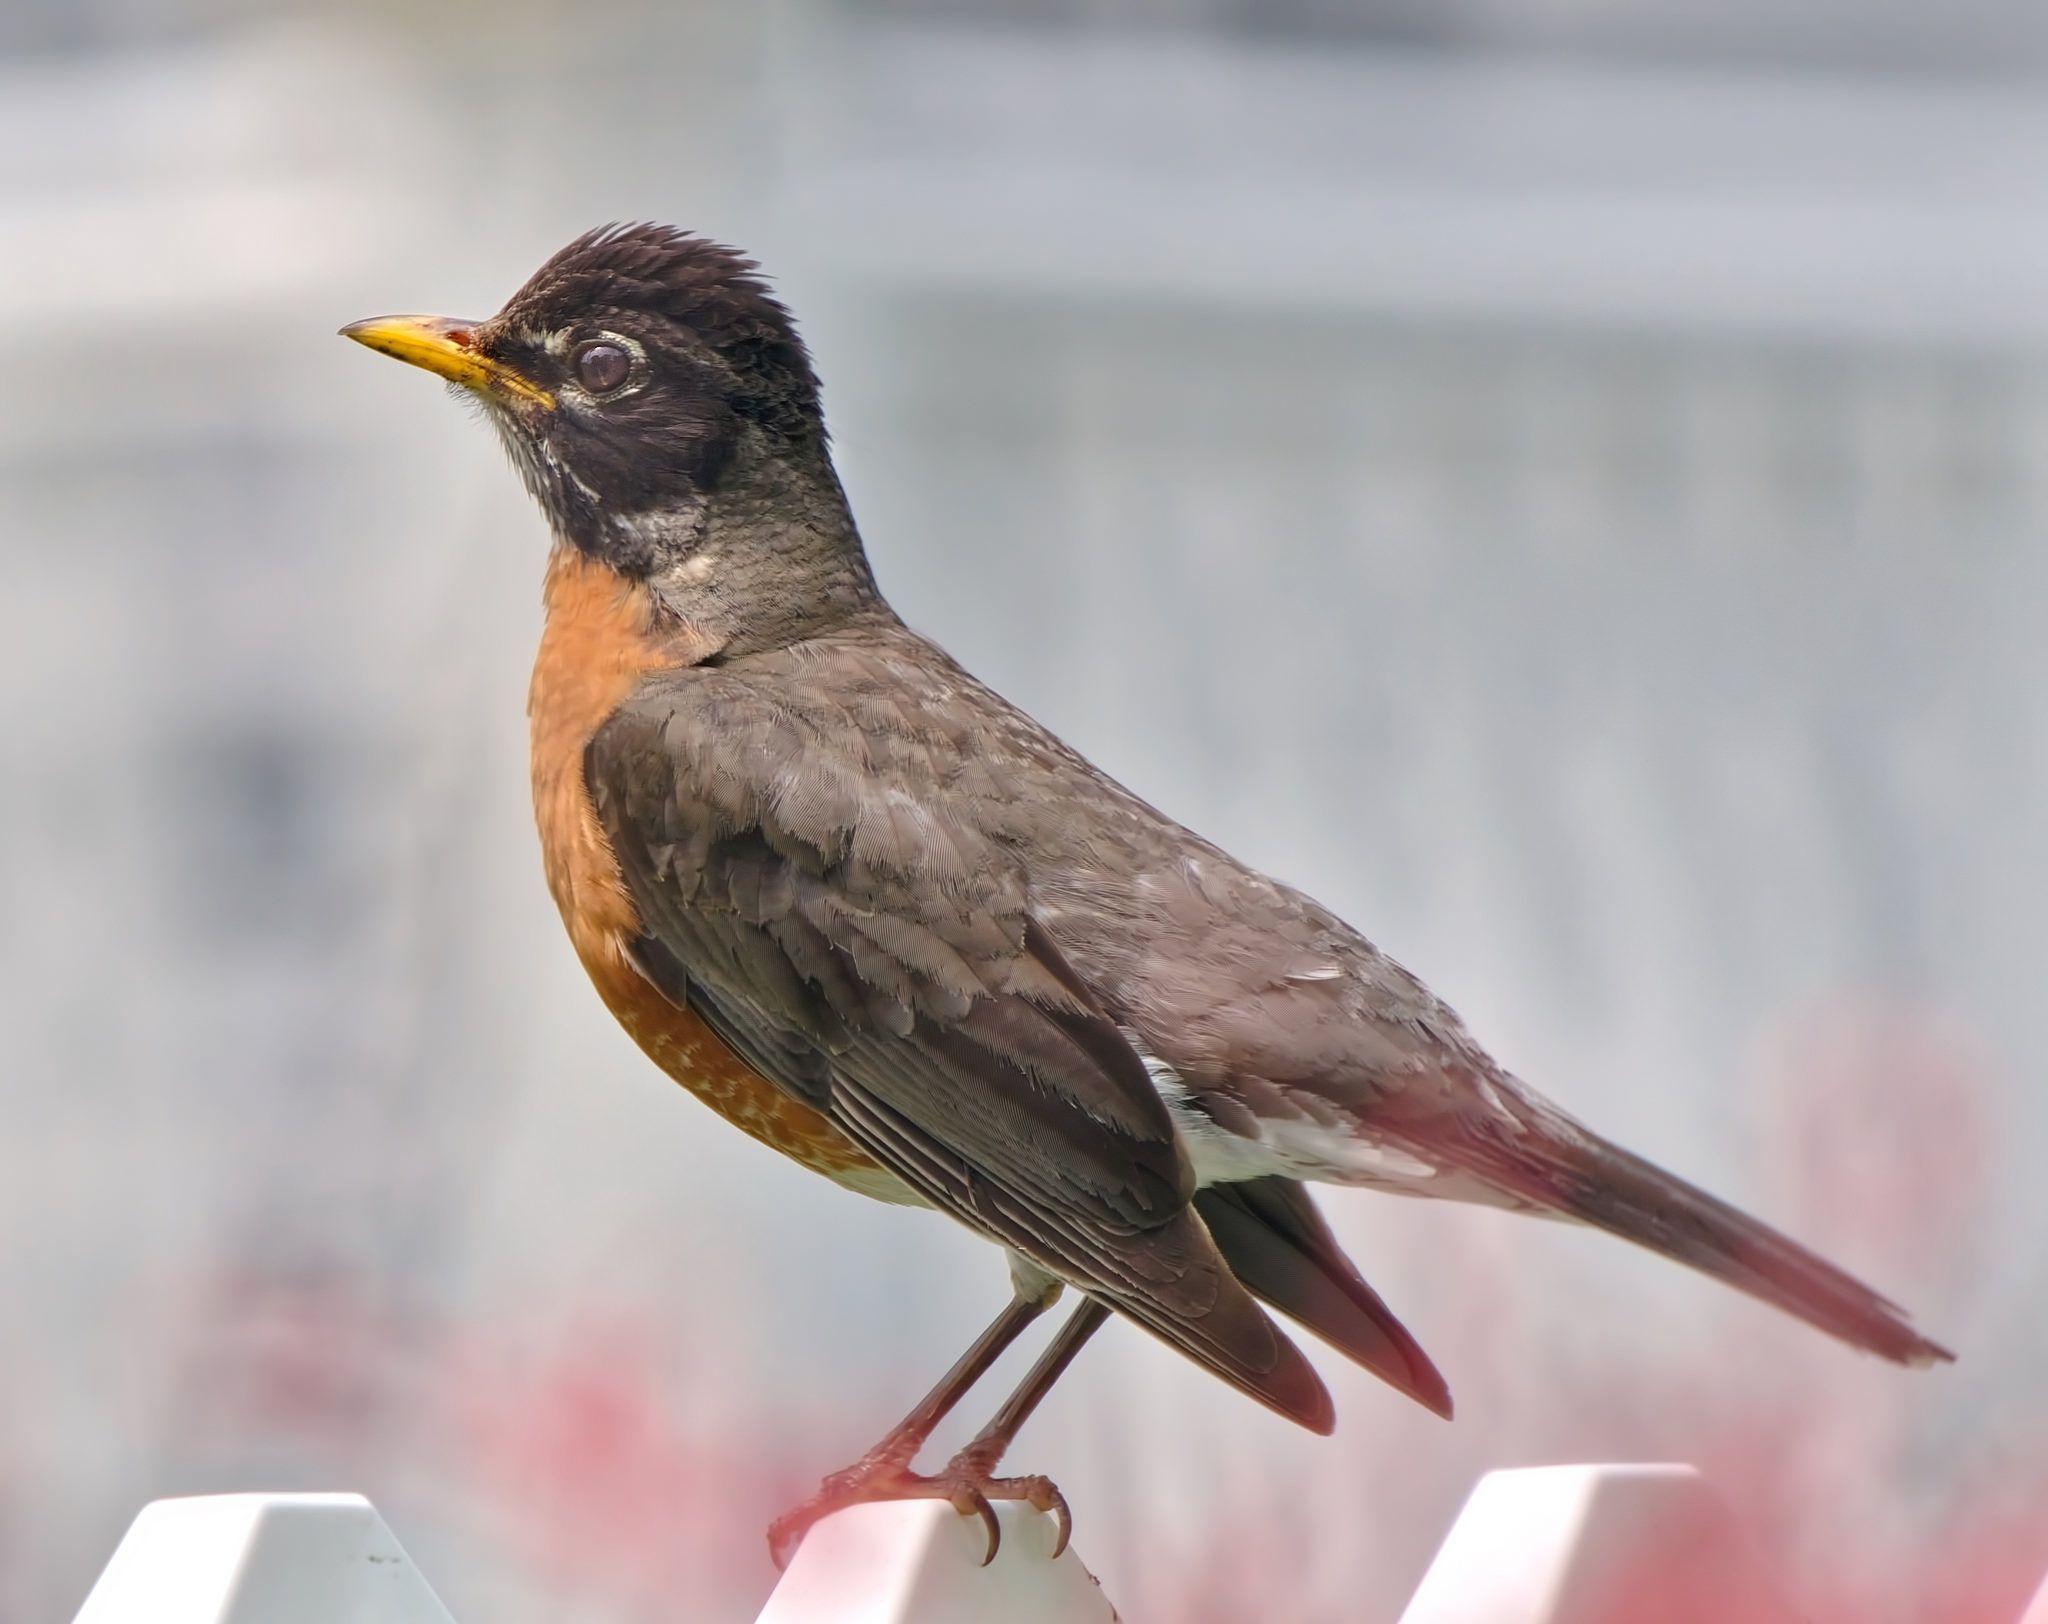 https://flic.kr/p/VmgwtM   American Robin